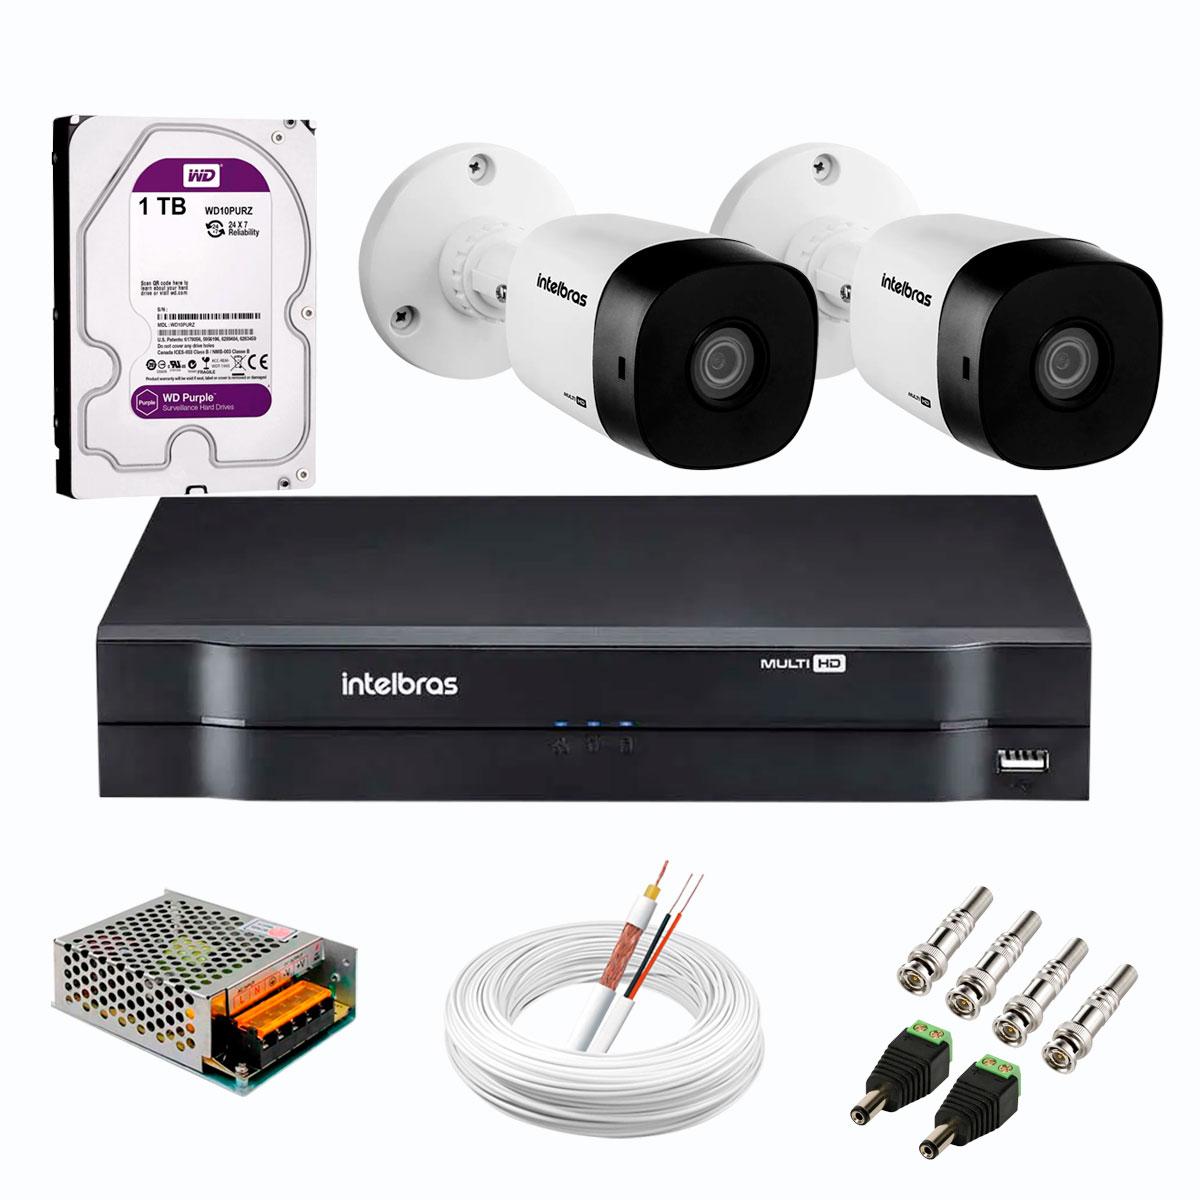 kit-2-cameras-intelbras-vhd-1220-b-full-hd-1080-lite-dvr-intelbras-acessorios-completo-cameras-com-20m-infravermelho-de-visao-noturna